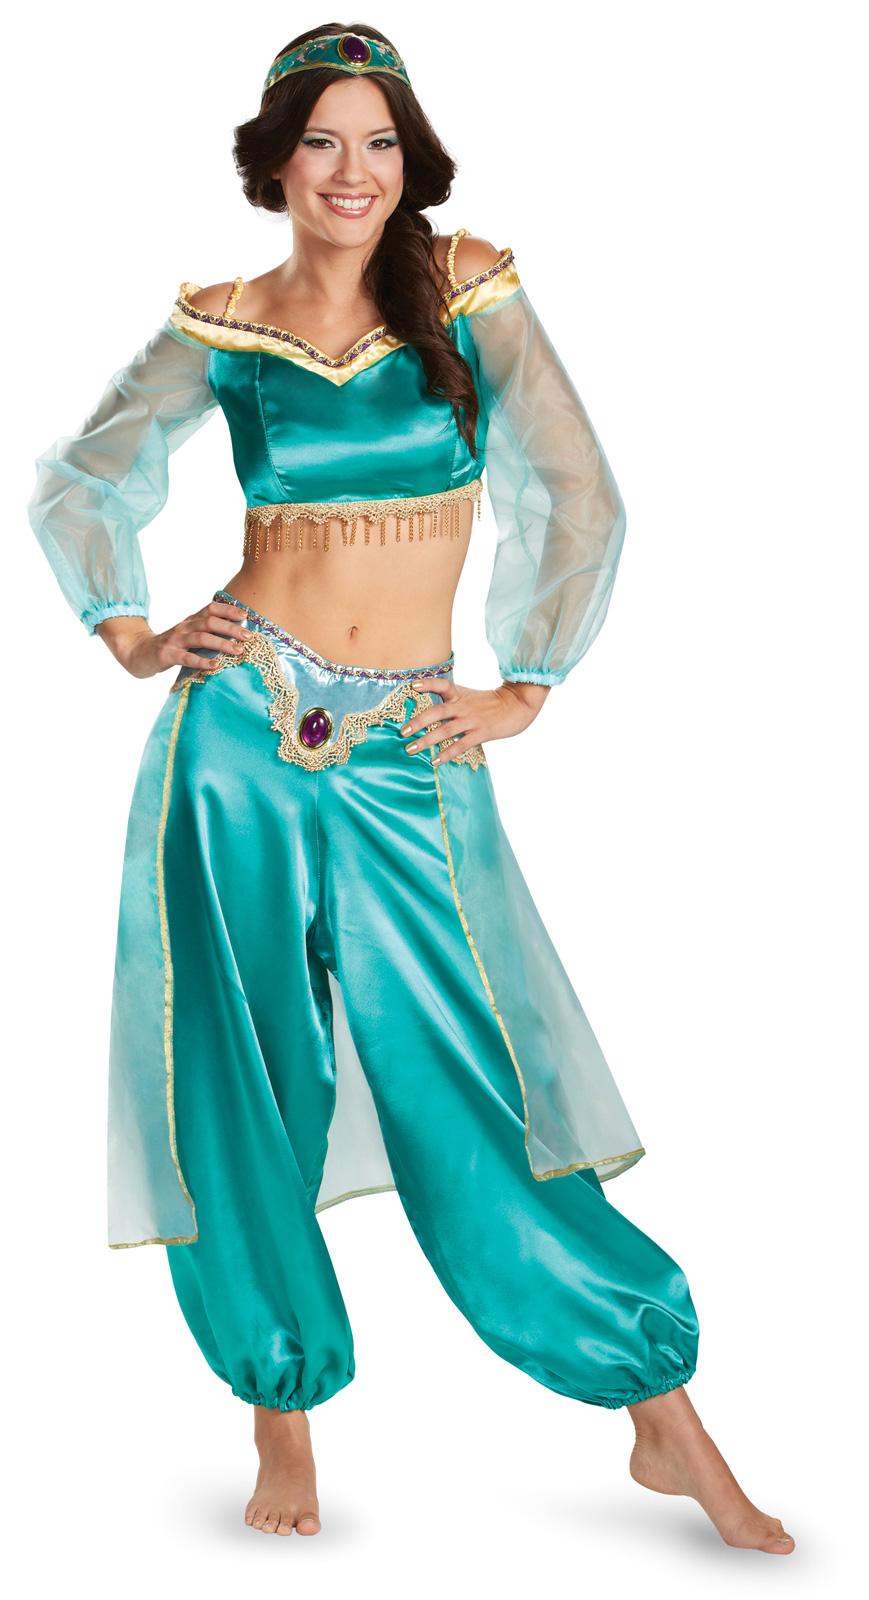 Women's Disney Princess Jasmine Fab Prestige Adult Costume - Purple - Large (12-14) BS-243631